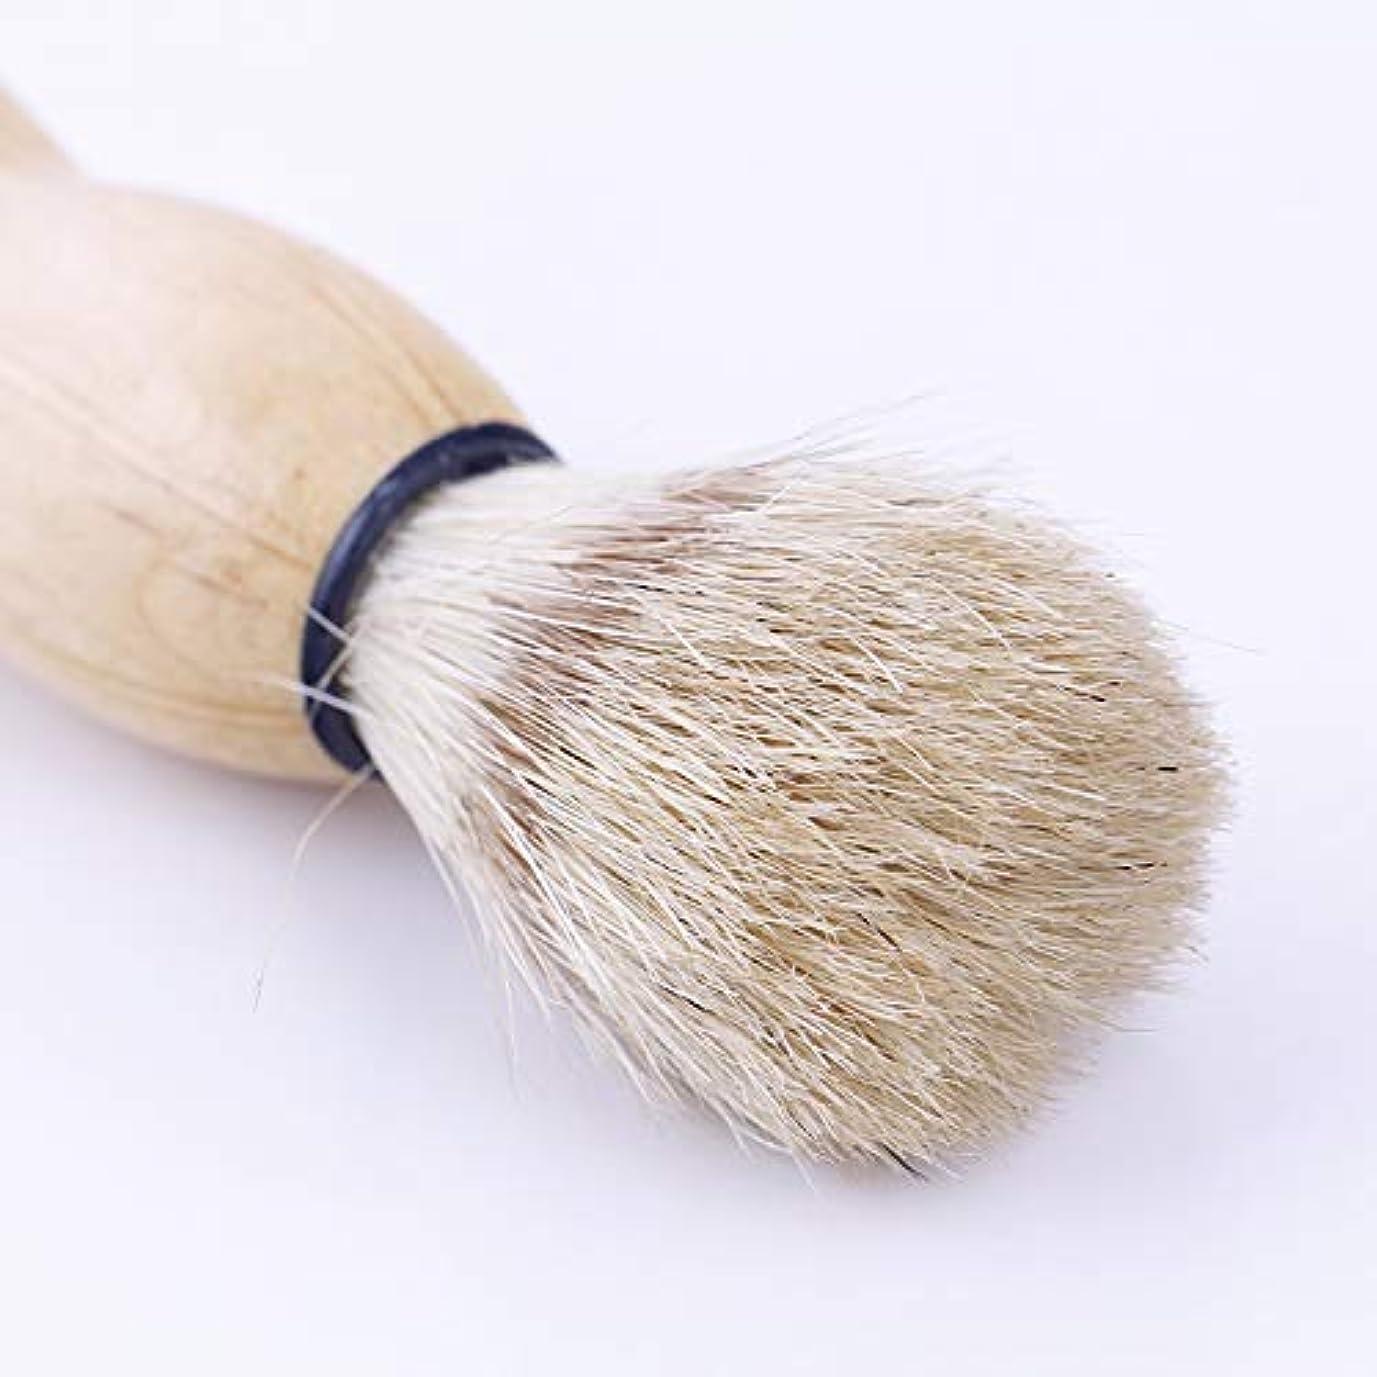 魅力準備するそれにもかかわらずSMTHOME シェービング用ブラシ メンズ 100% ウール毛 理容 洗顔 髭剃り 泡立ち